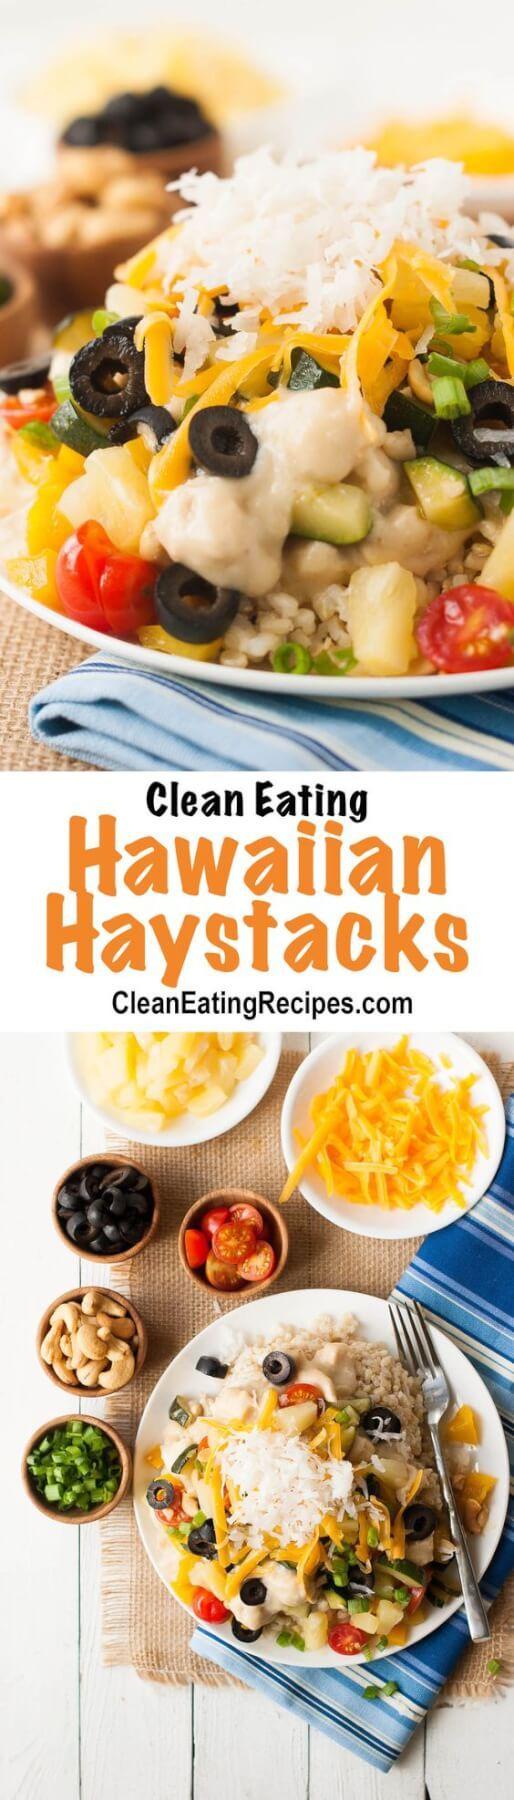 Clean Eating Homemade Hawaiian Haystacks Recipe